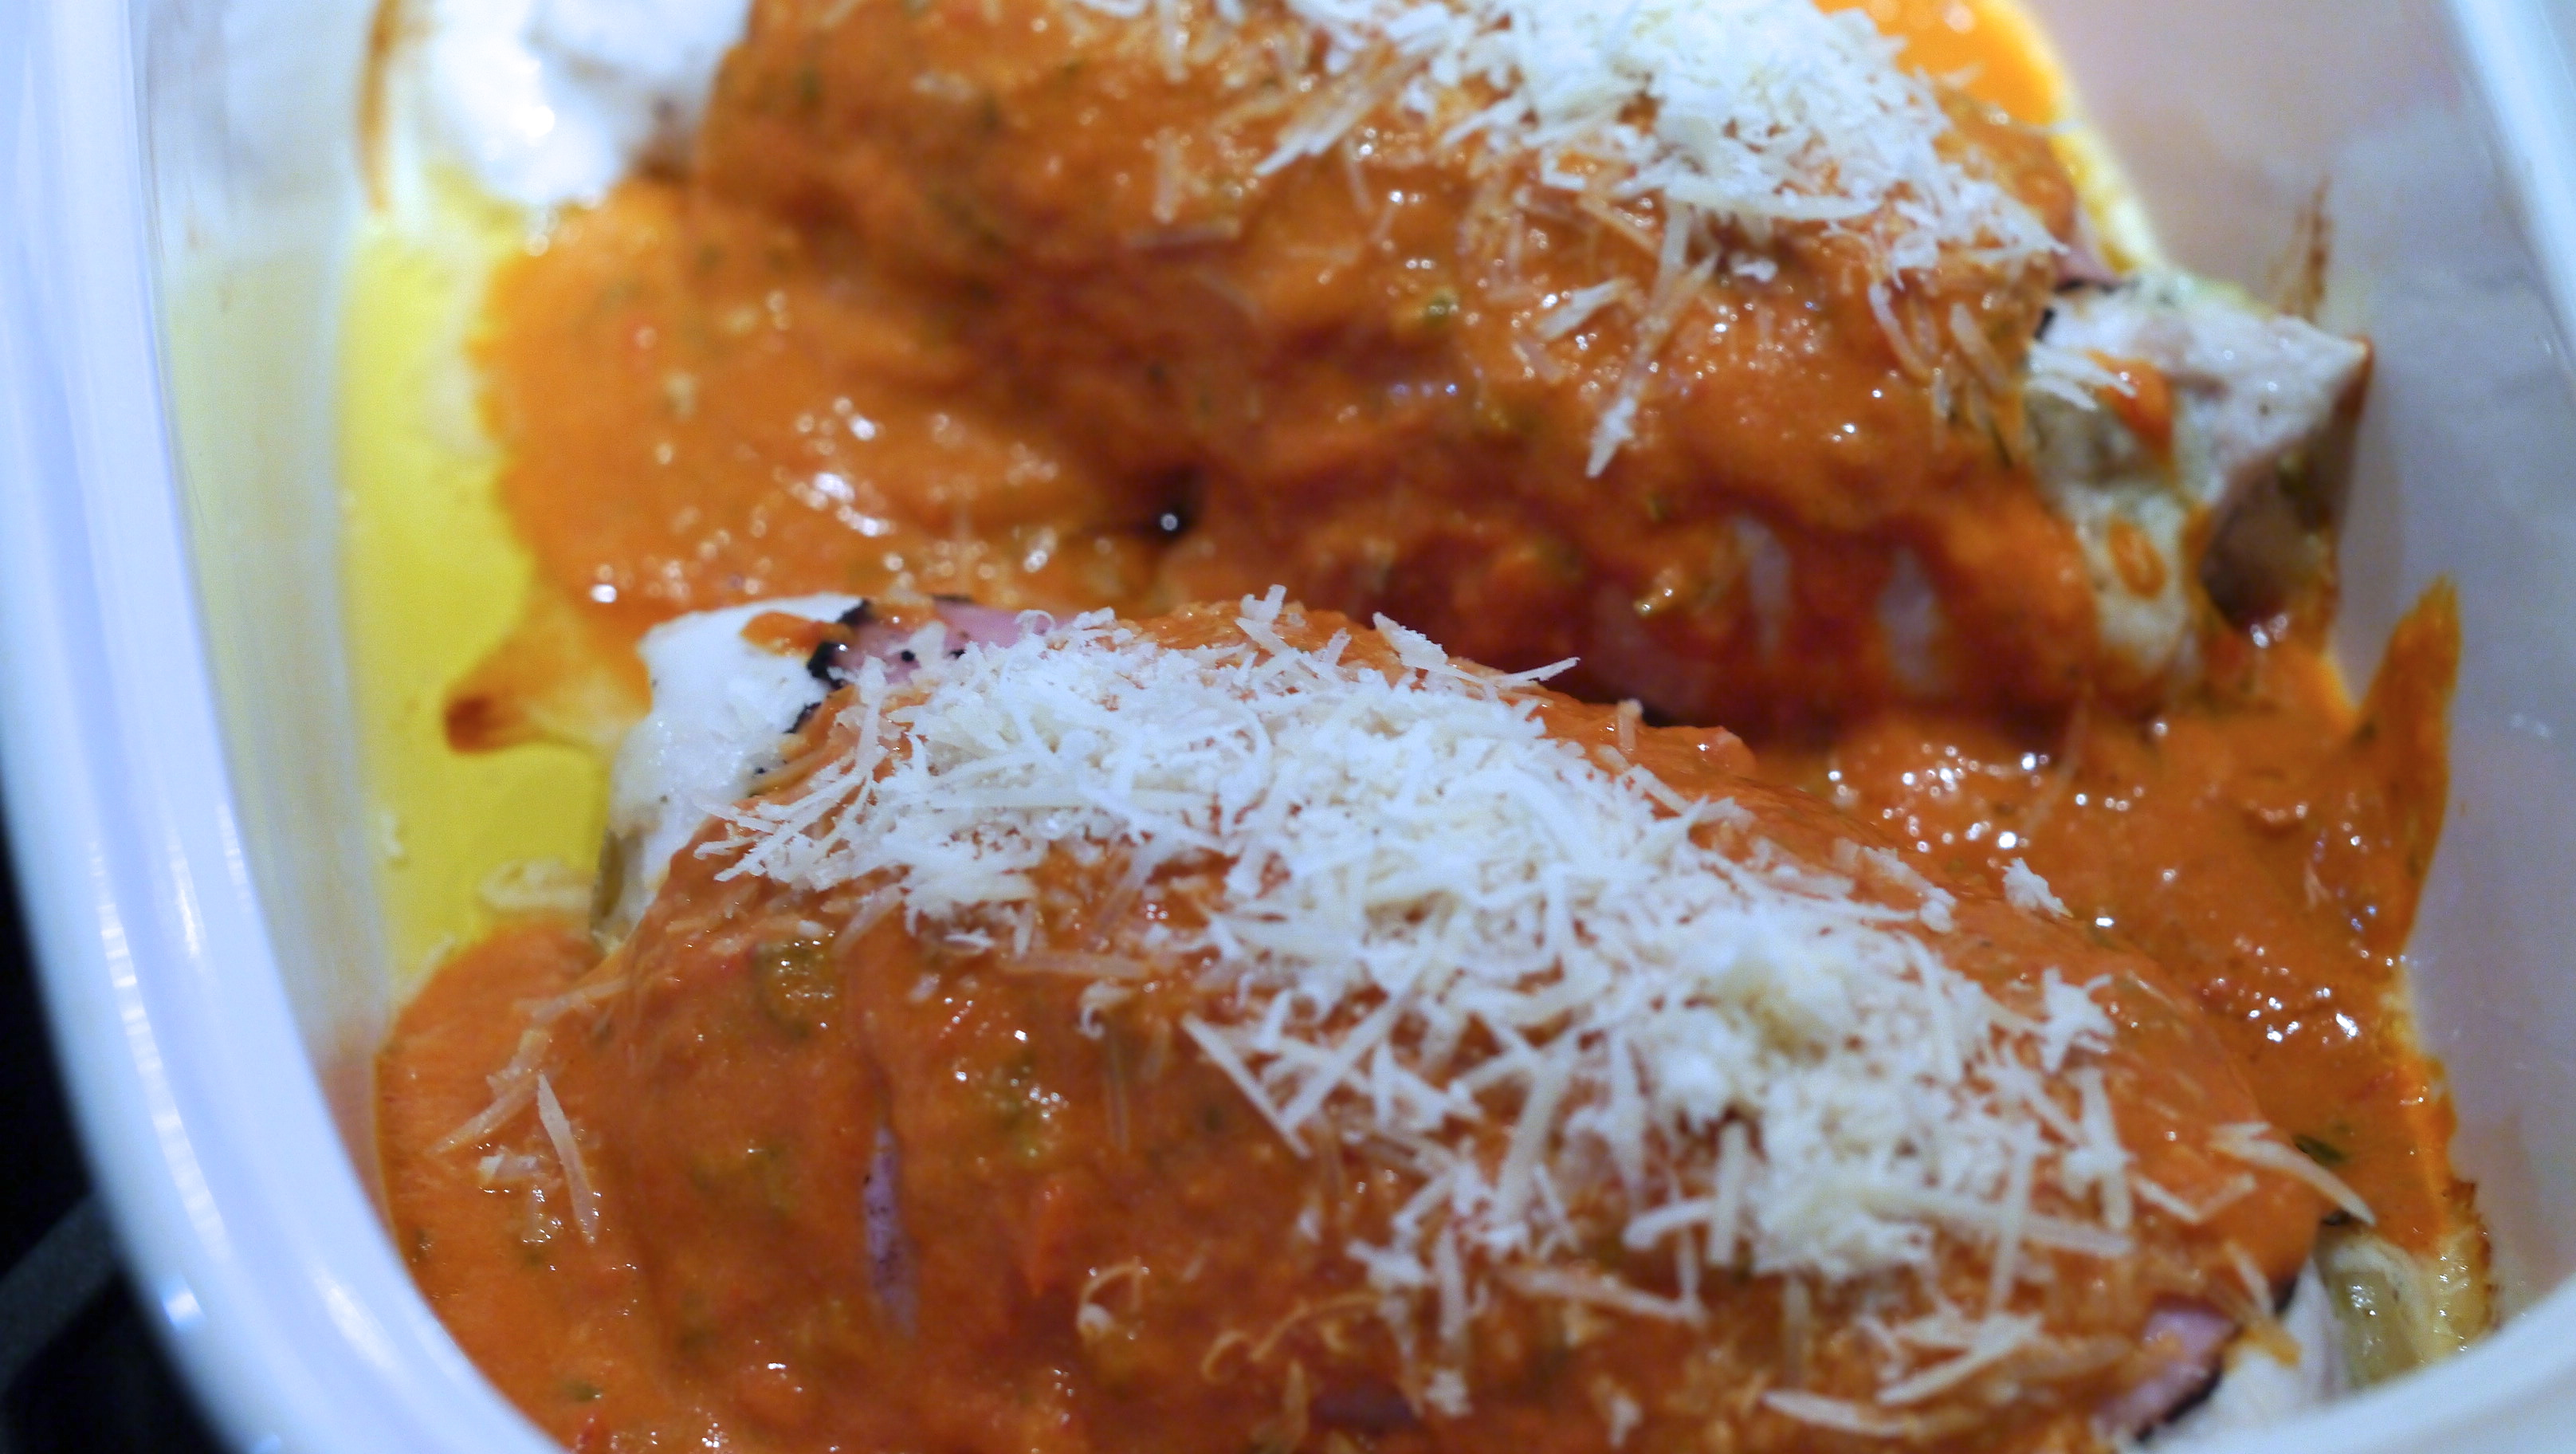 Artichoke, Parmesan Stuffed Chicken Breast With Tomato Basil Sauce